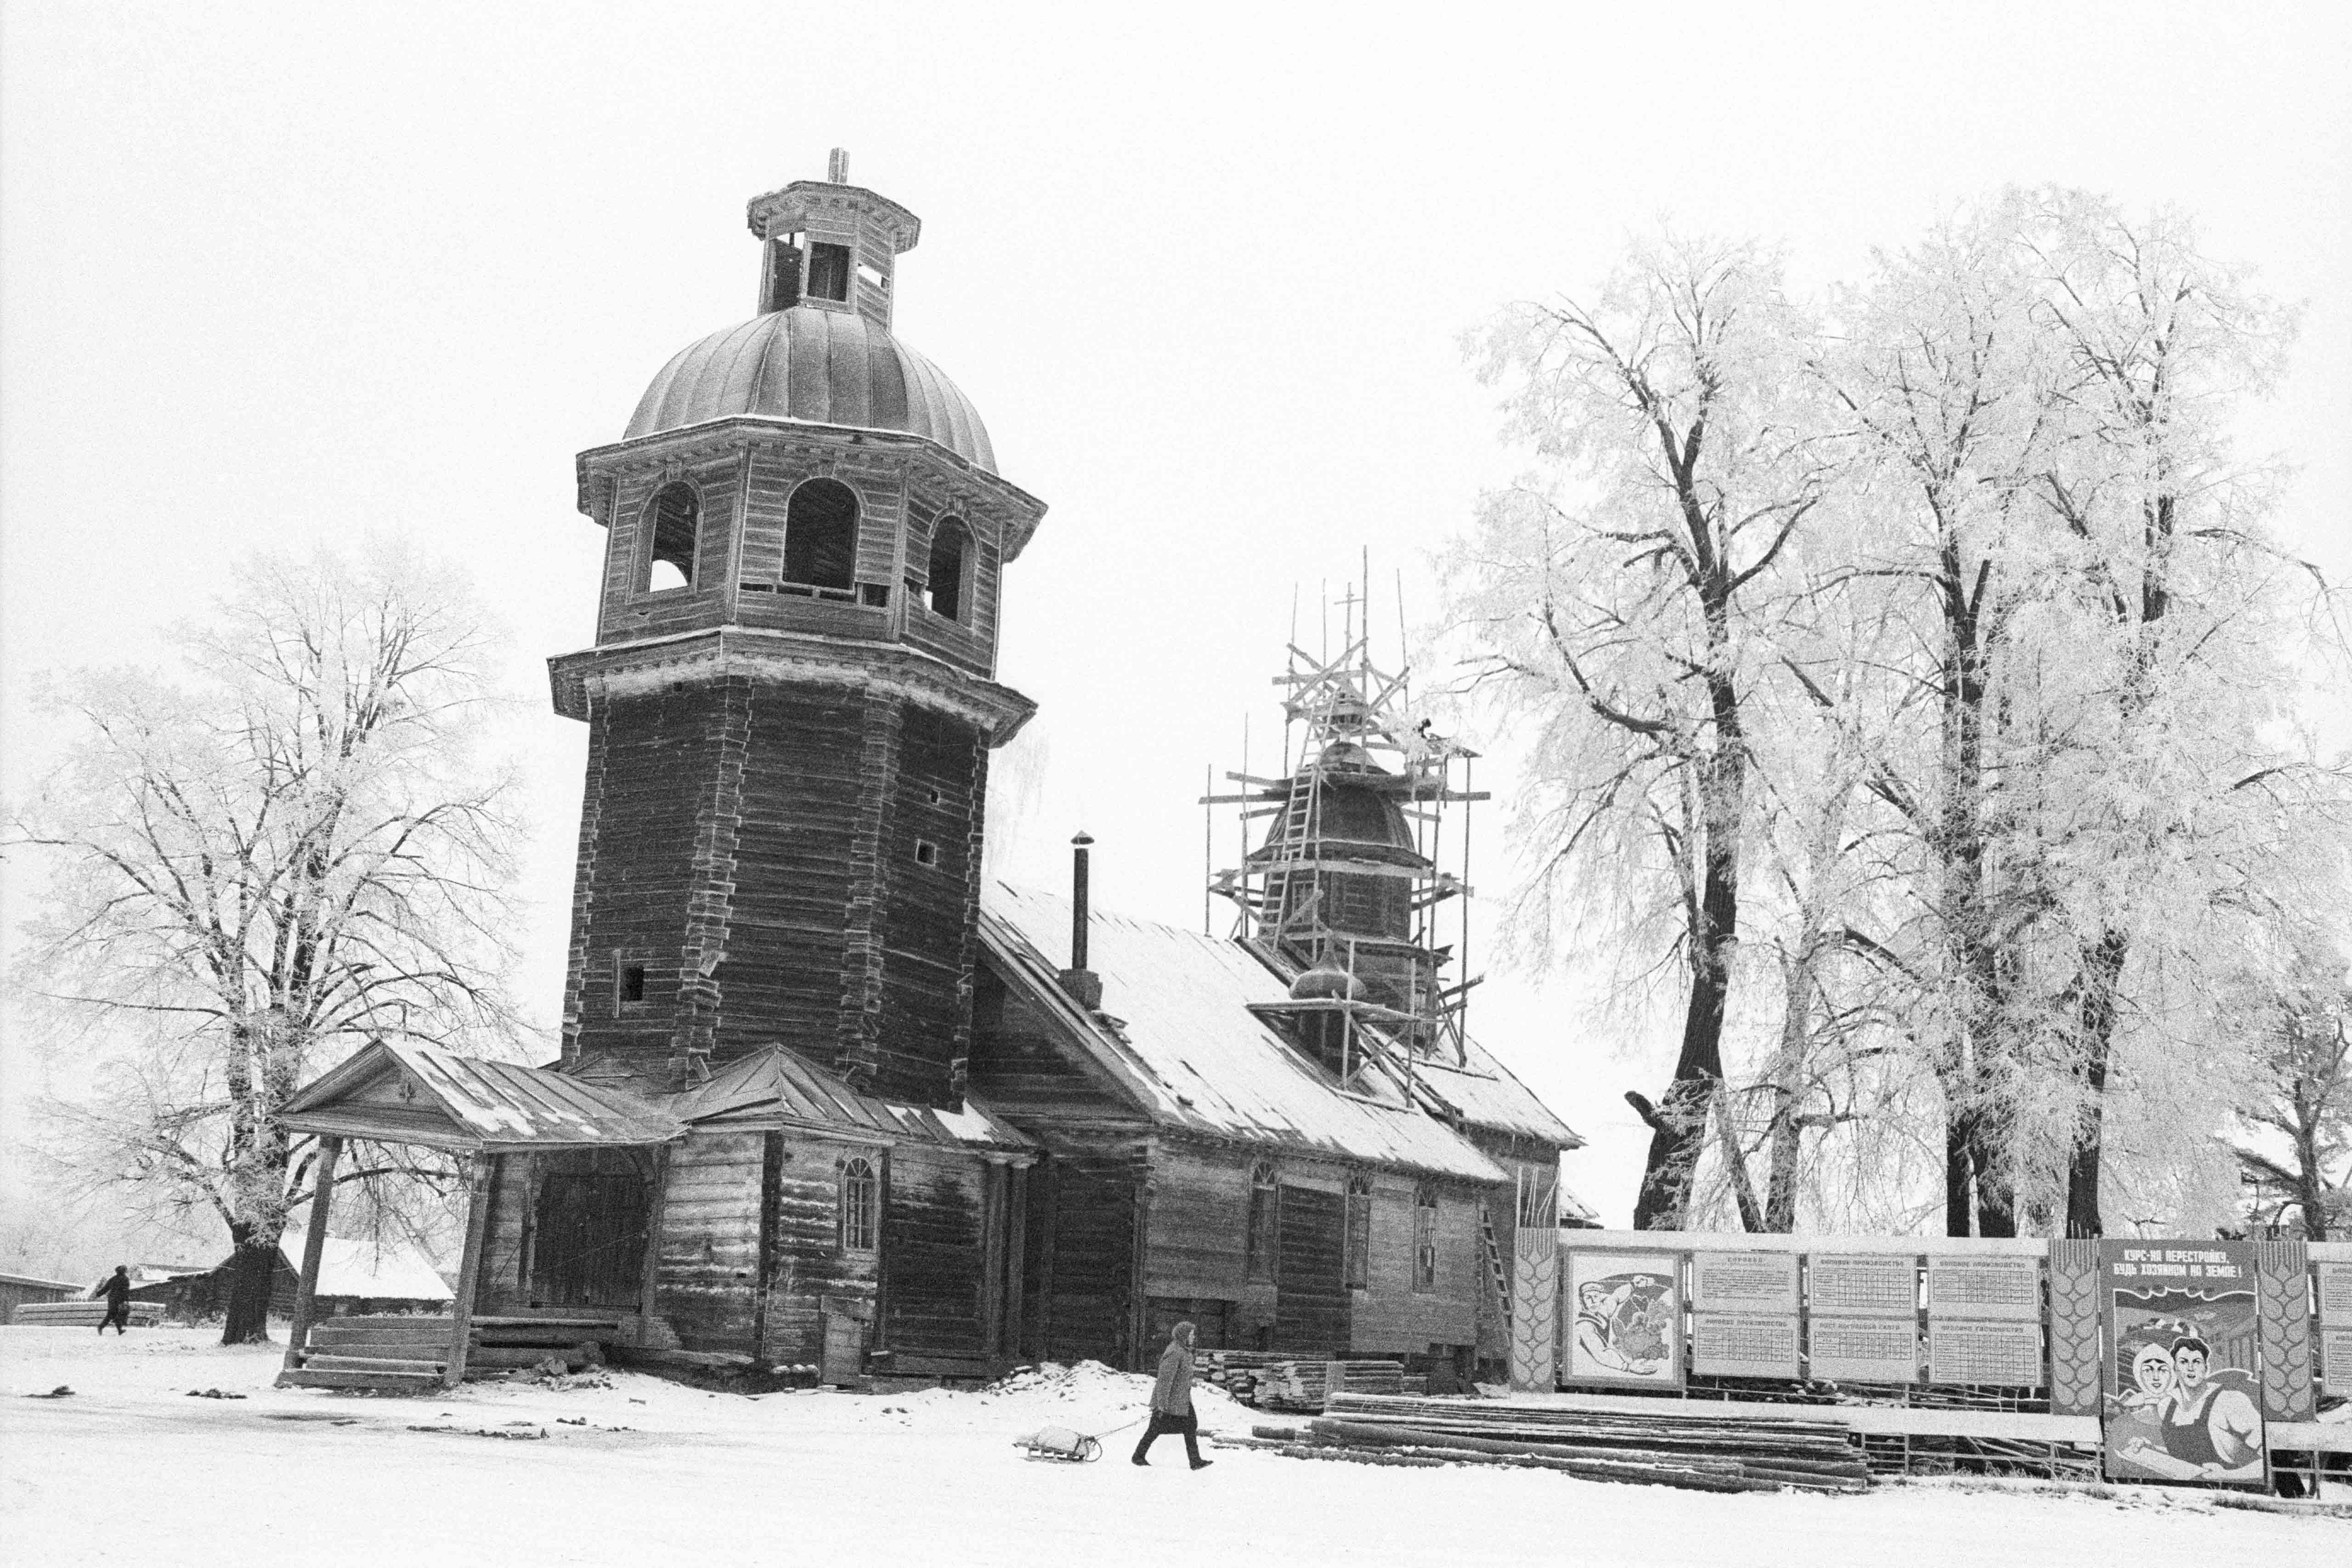 Werkfoto des Films Glocken aus der Tiefe – Glaube und Aberglaube in RußlandWerkfoto des Films Glocken aus der Tiefe. Glaube und Aberglaube in Rußland